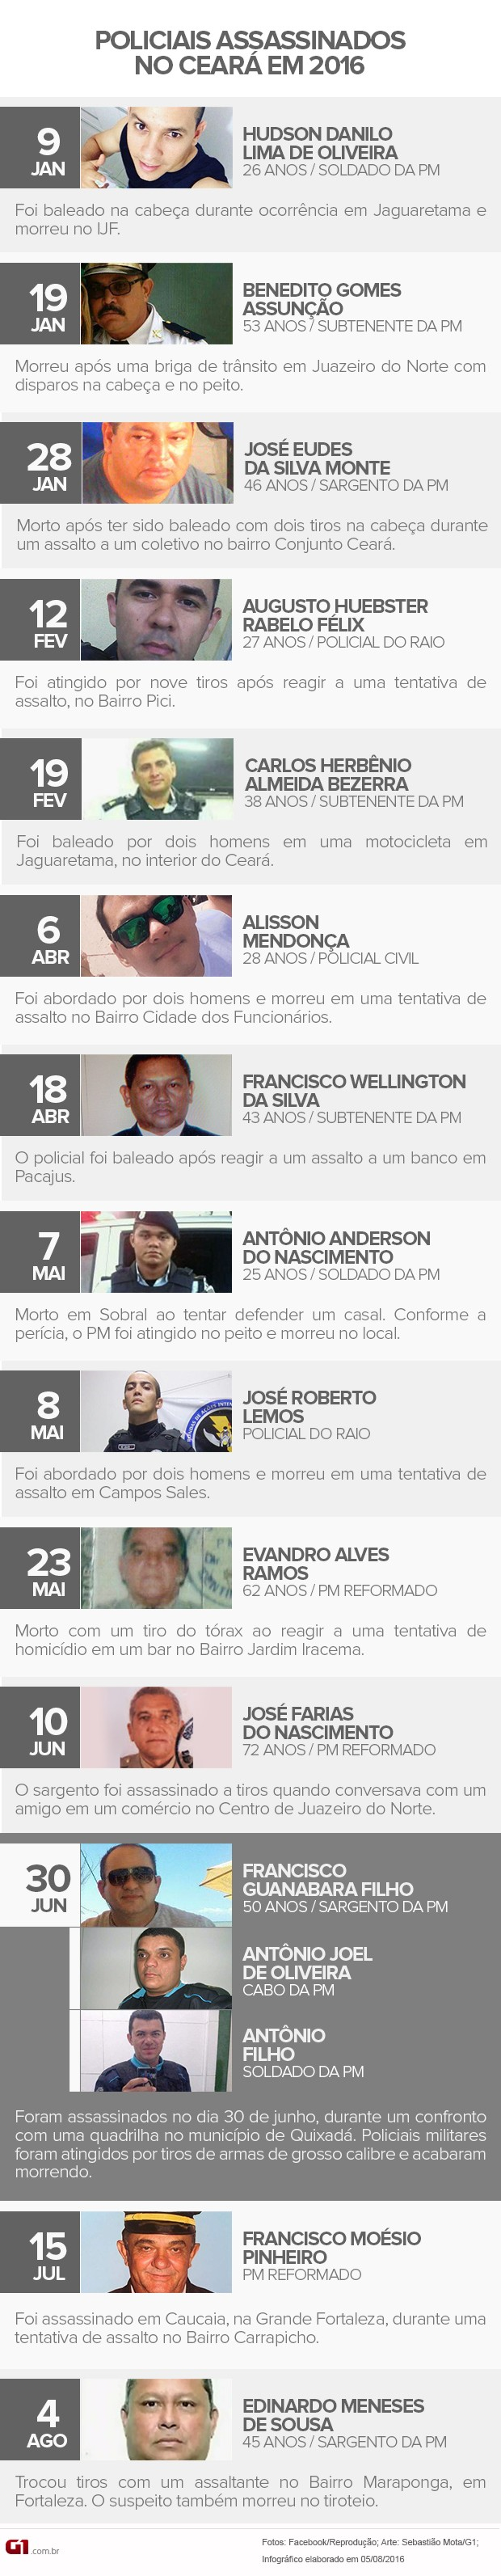 Em 2016, 16 policiais foram assassinados no Ceará (Foto: Arte G1/Sebastião Mota)